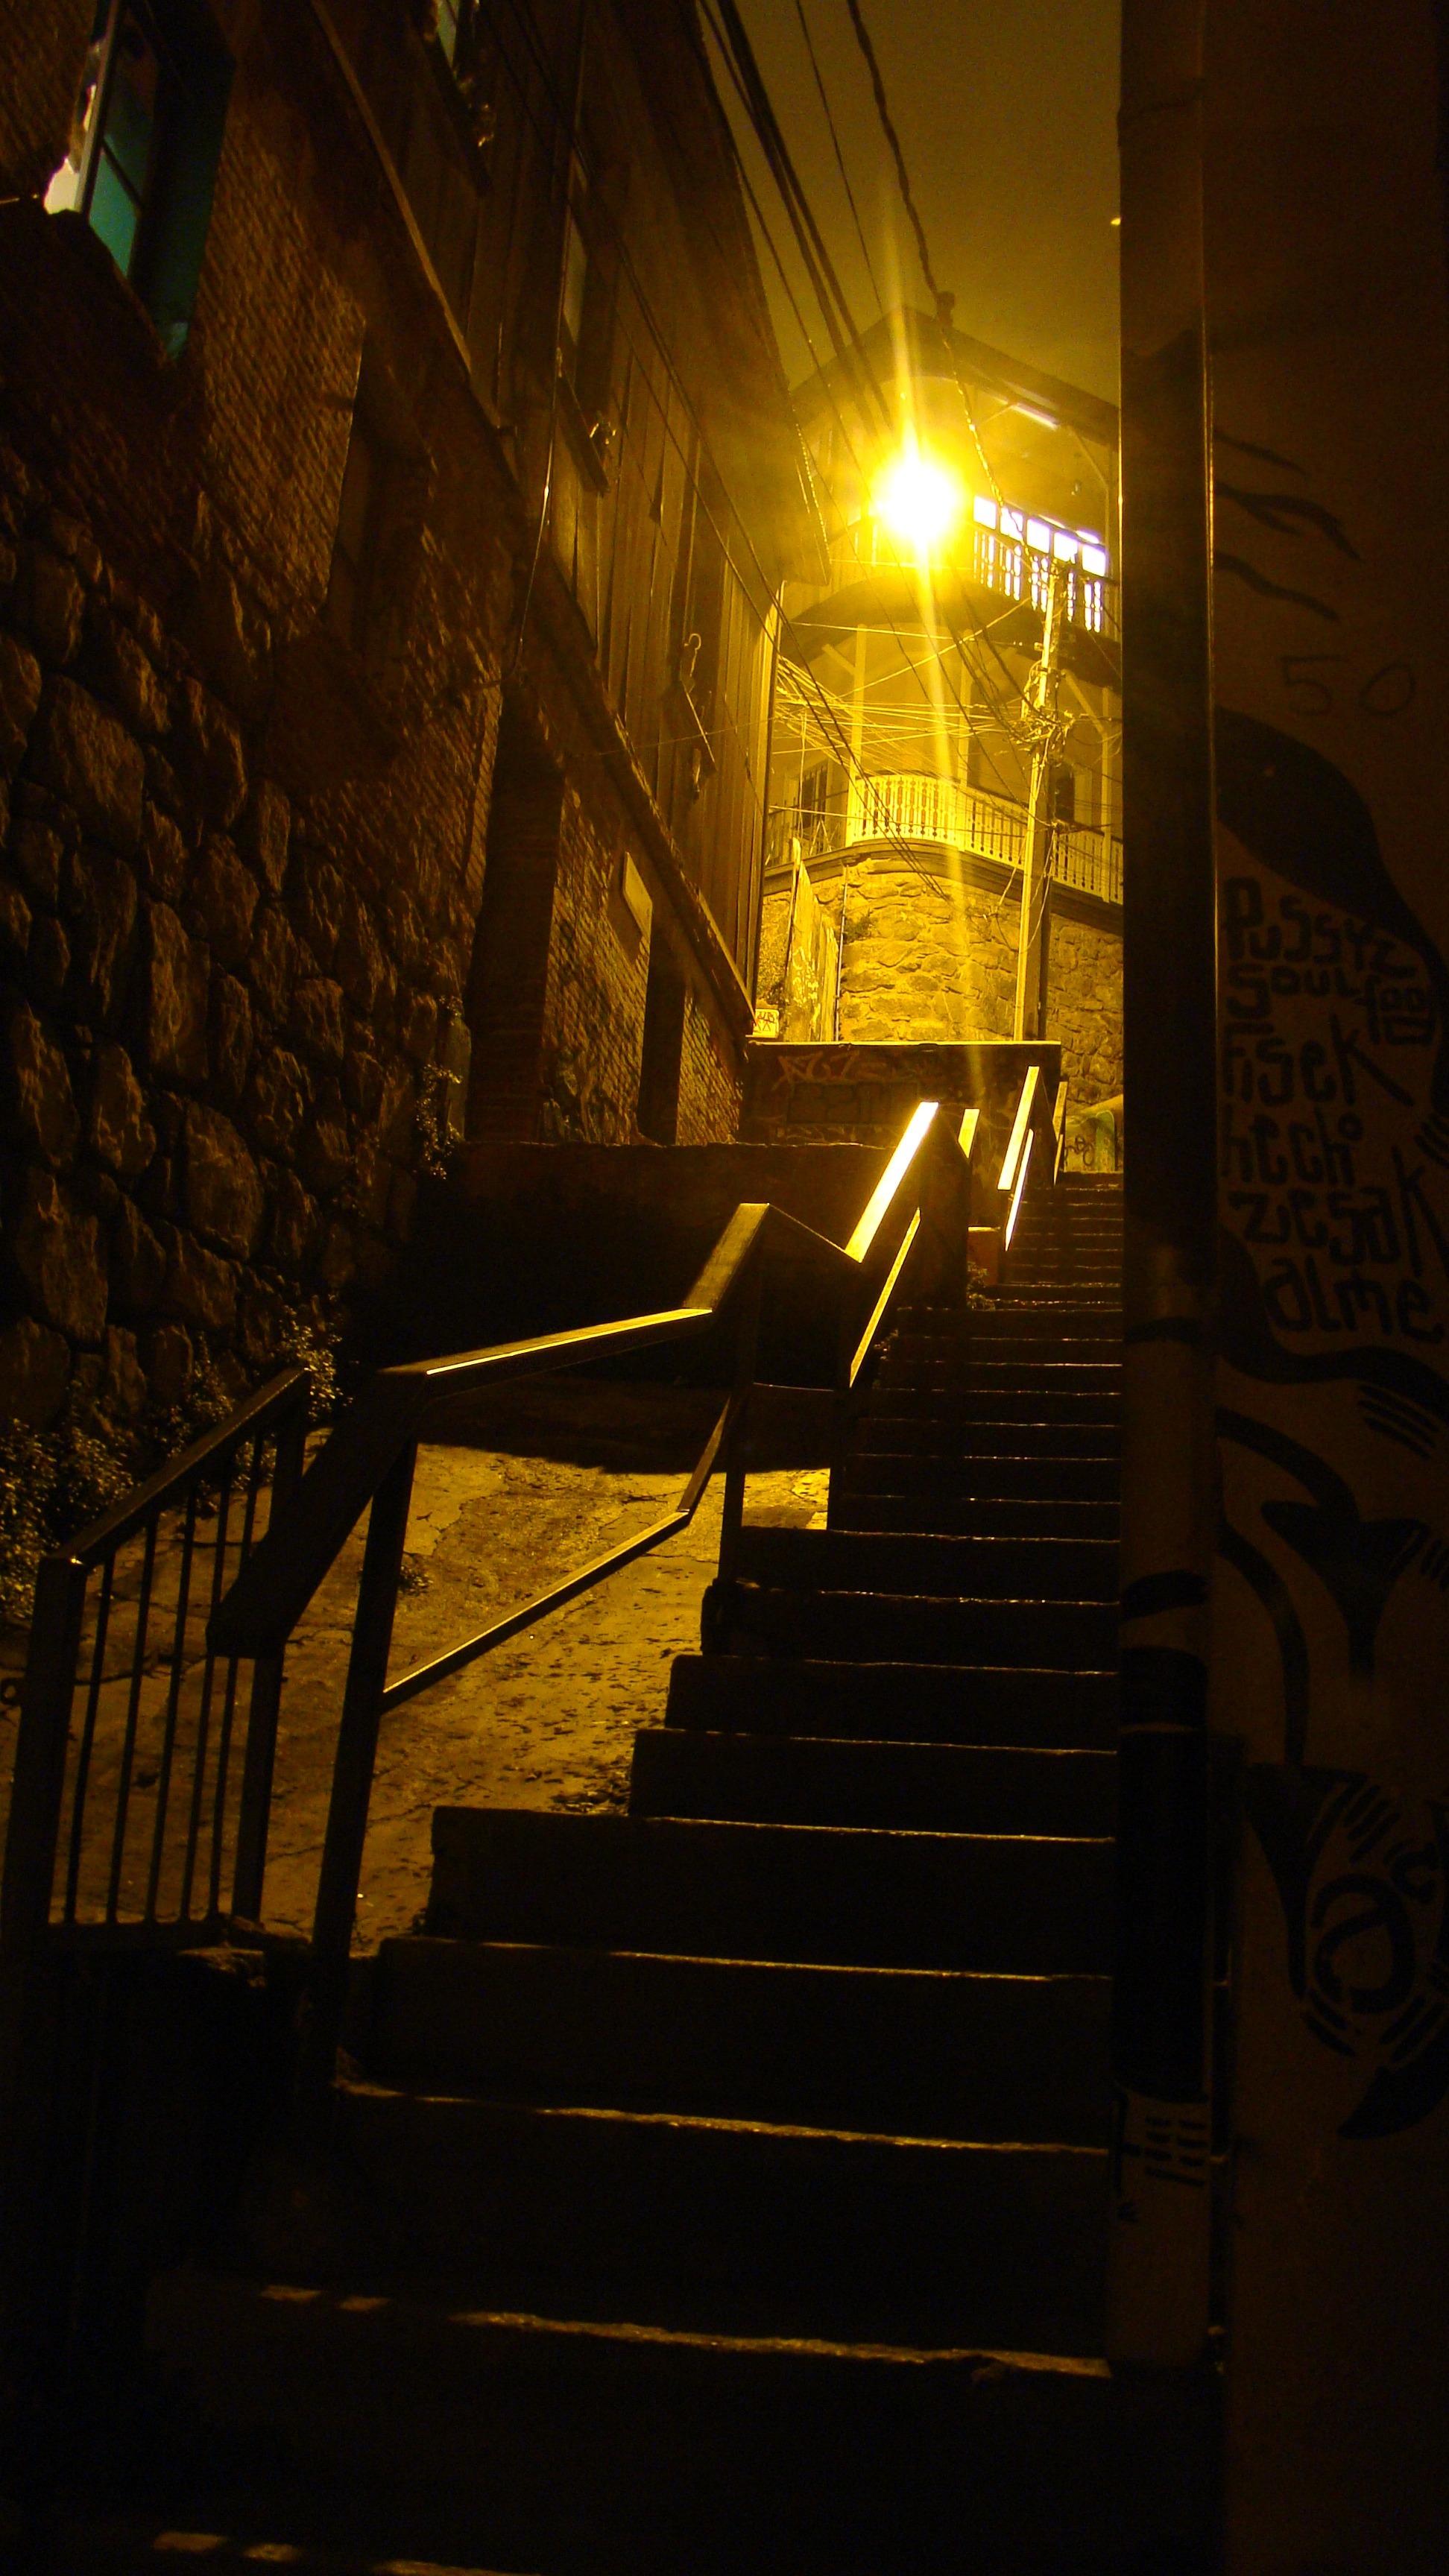 Amazing Licht Nacht  Sonnenlicht Innere Gebäude Gasse Städtisch Mauer Treppe  Betrachtung Amerika Dunkelheit Beleuchtung Chile Süd